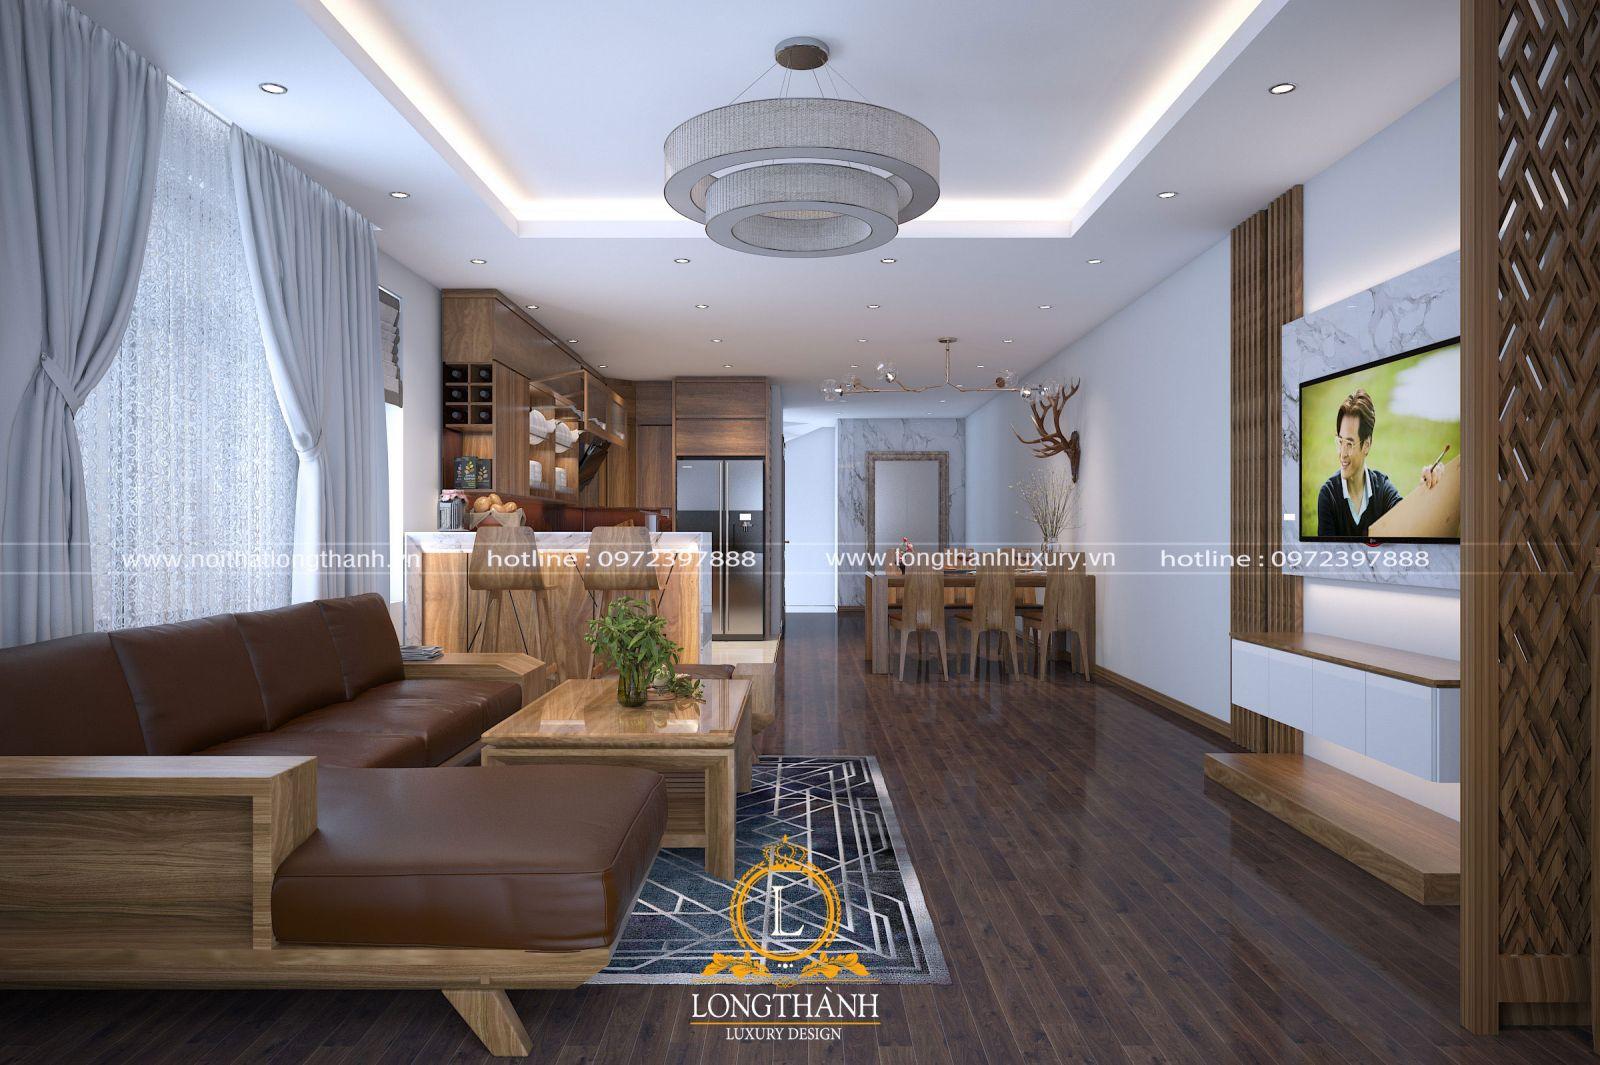 Nội thất đẹp cho phòng khách biệt thự hiện đại